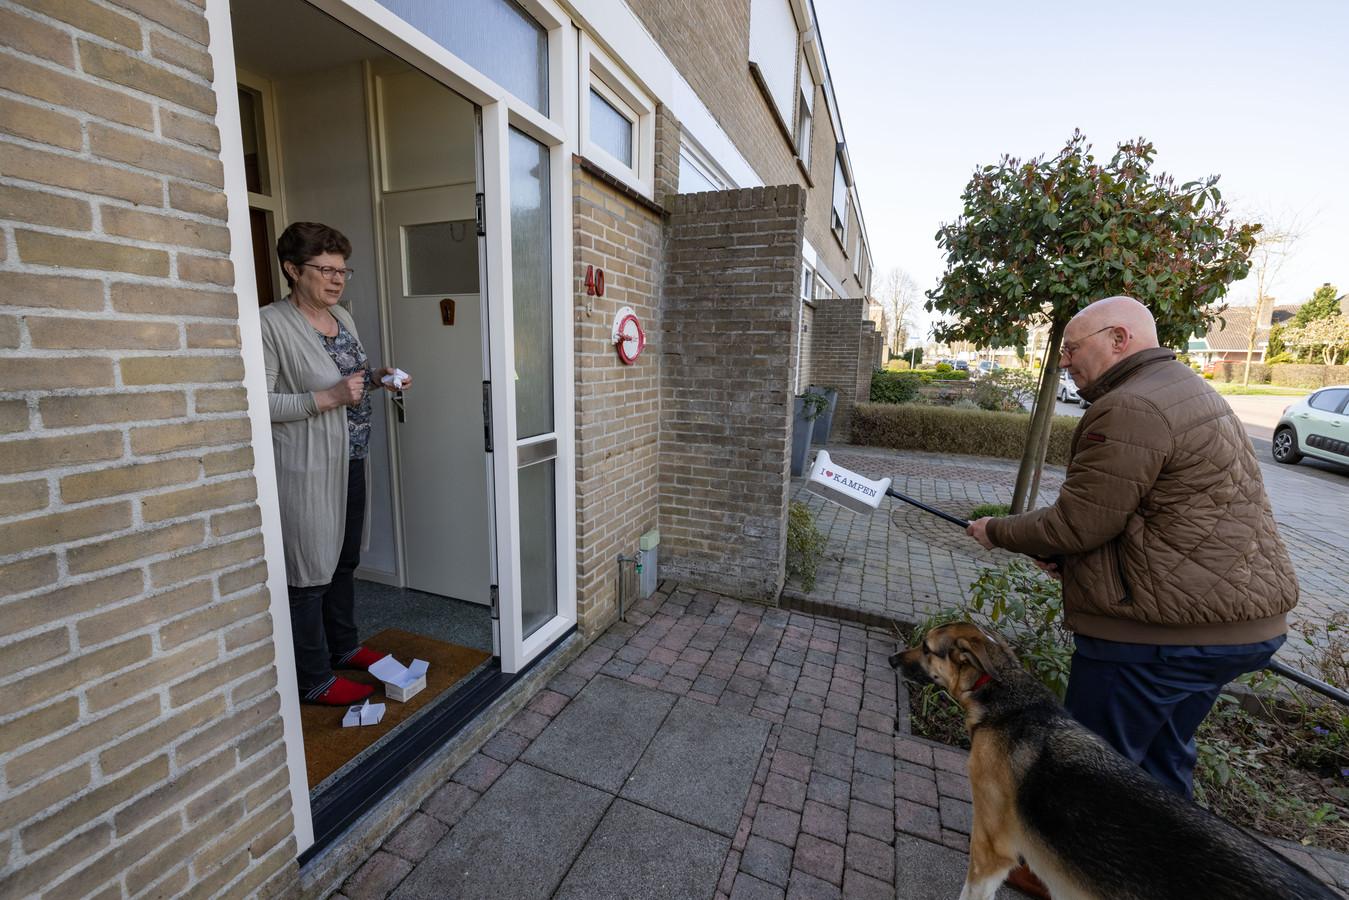 Burgemeester Koelewijn deelt deurbellen uit met Kamper muziekje erin: hier is hij aan de deur bij Trijnie Brijder.